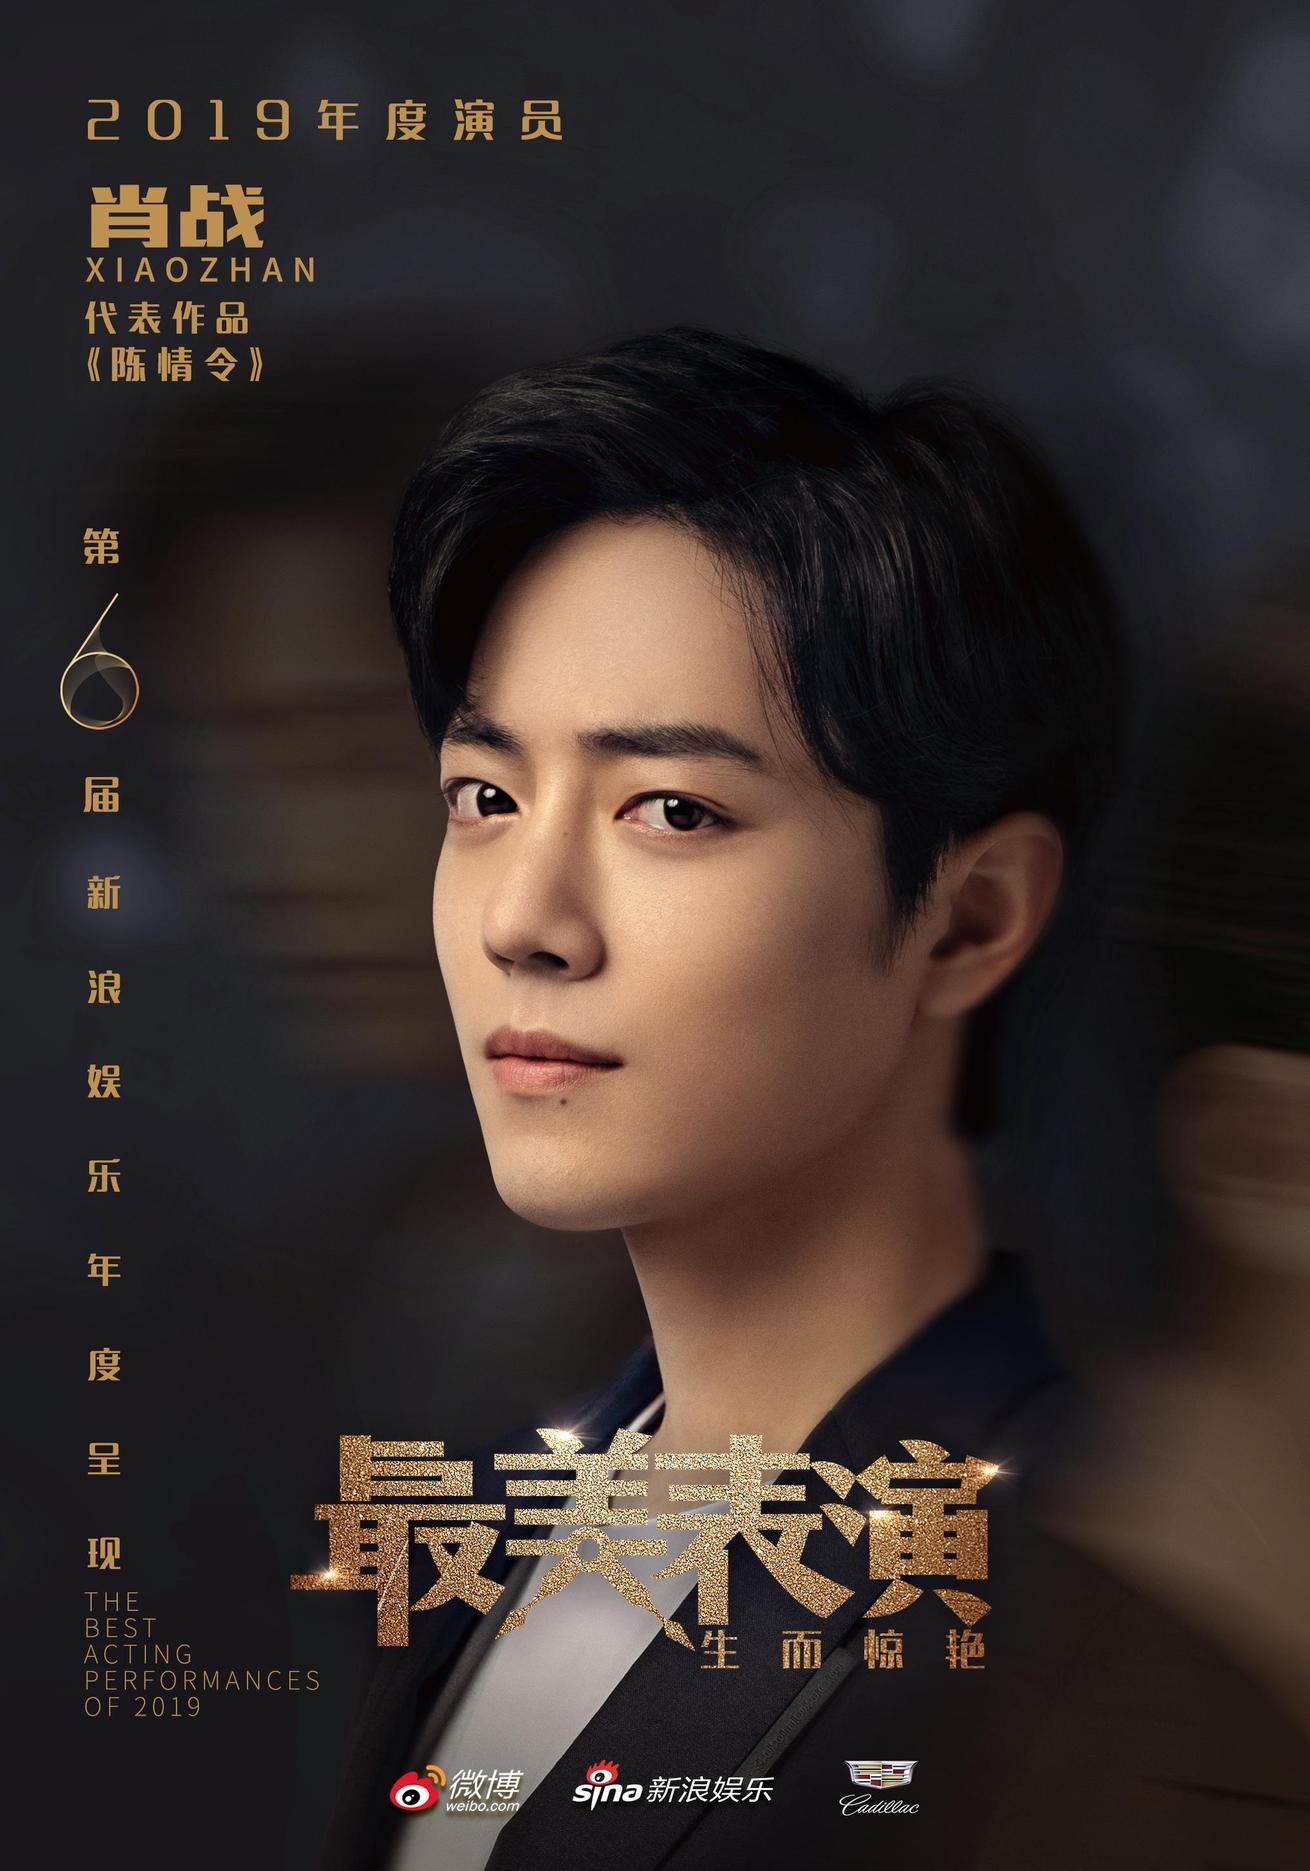 2019最美表演-肖戰